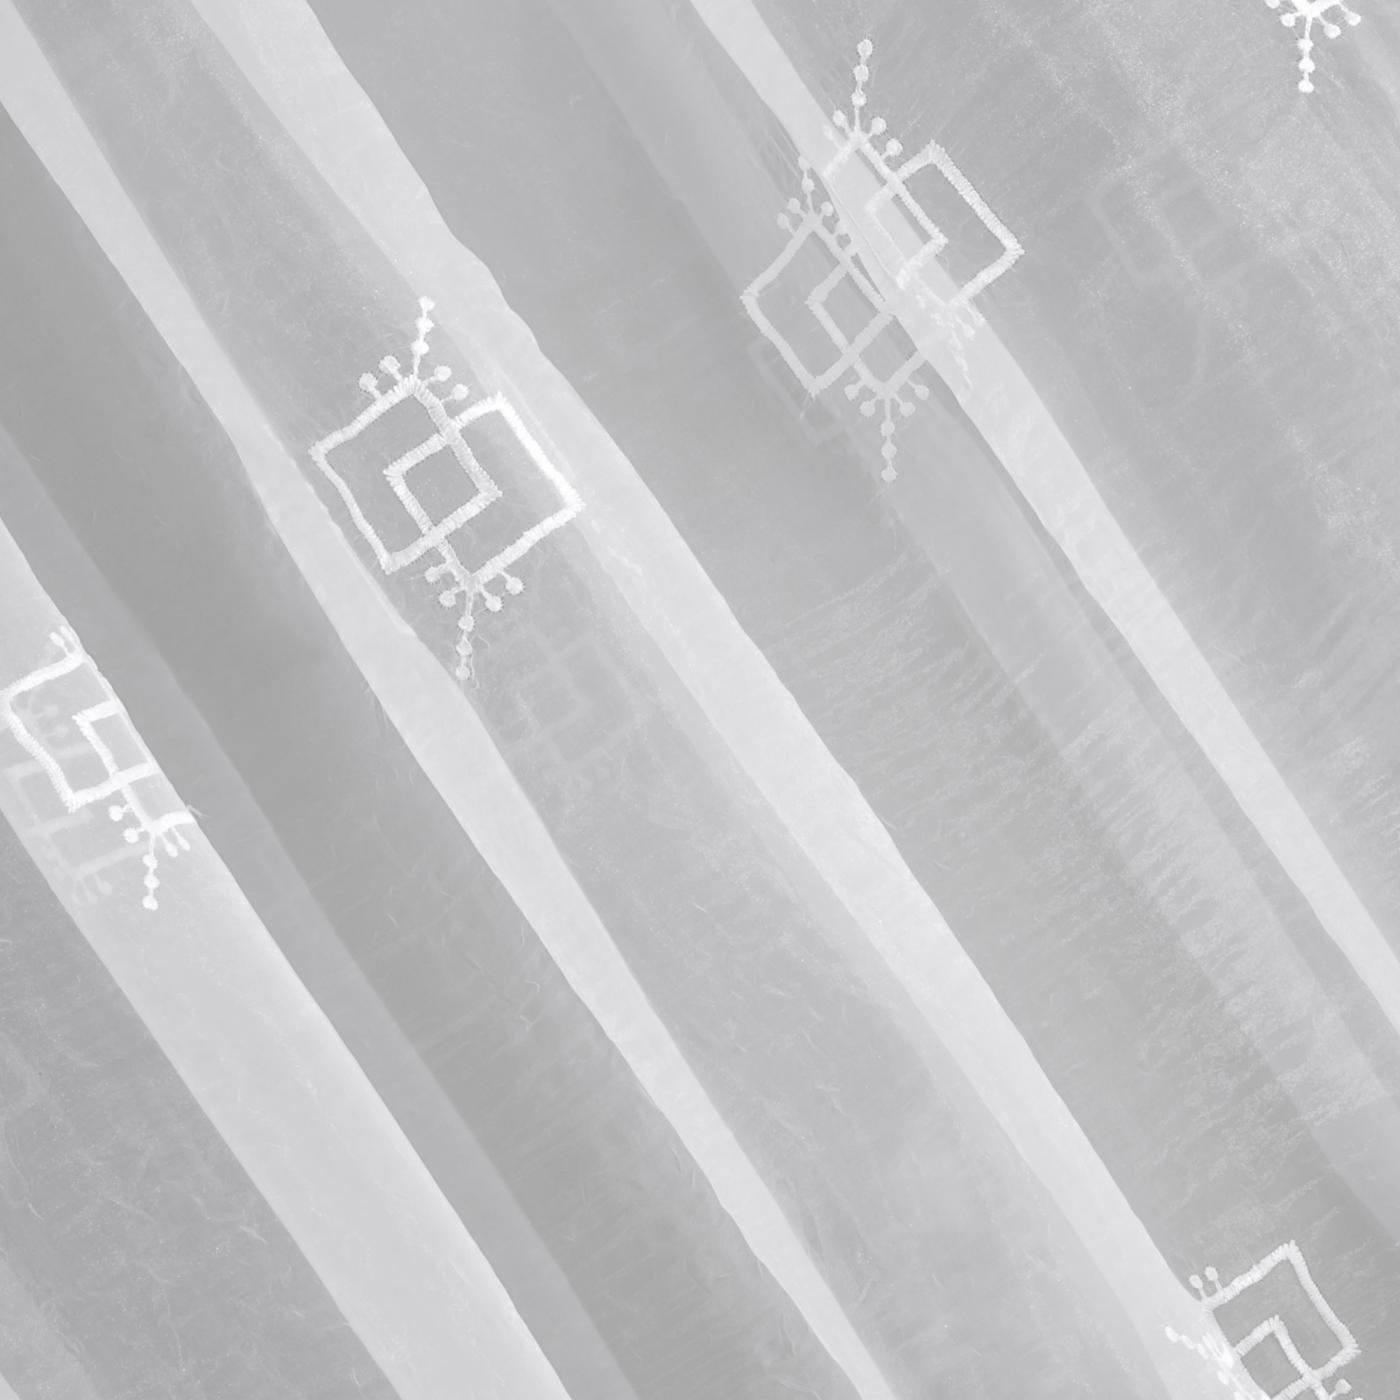 Firana haftowana z satynową listwą kremowa tunel 400x145cm